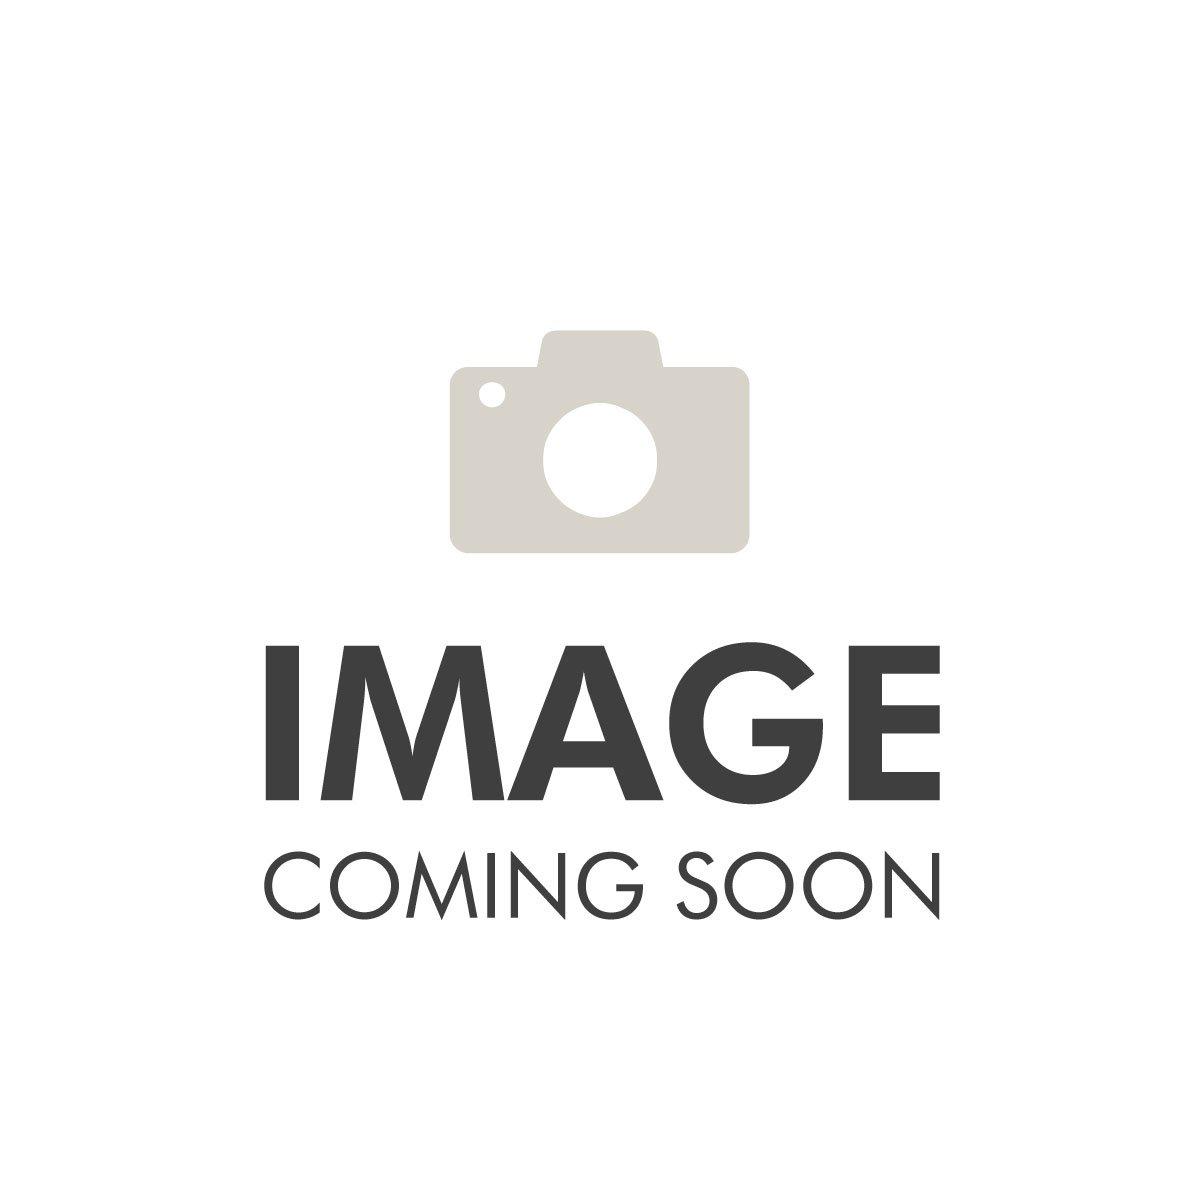 BG - Epee Mask - 1000N